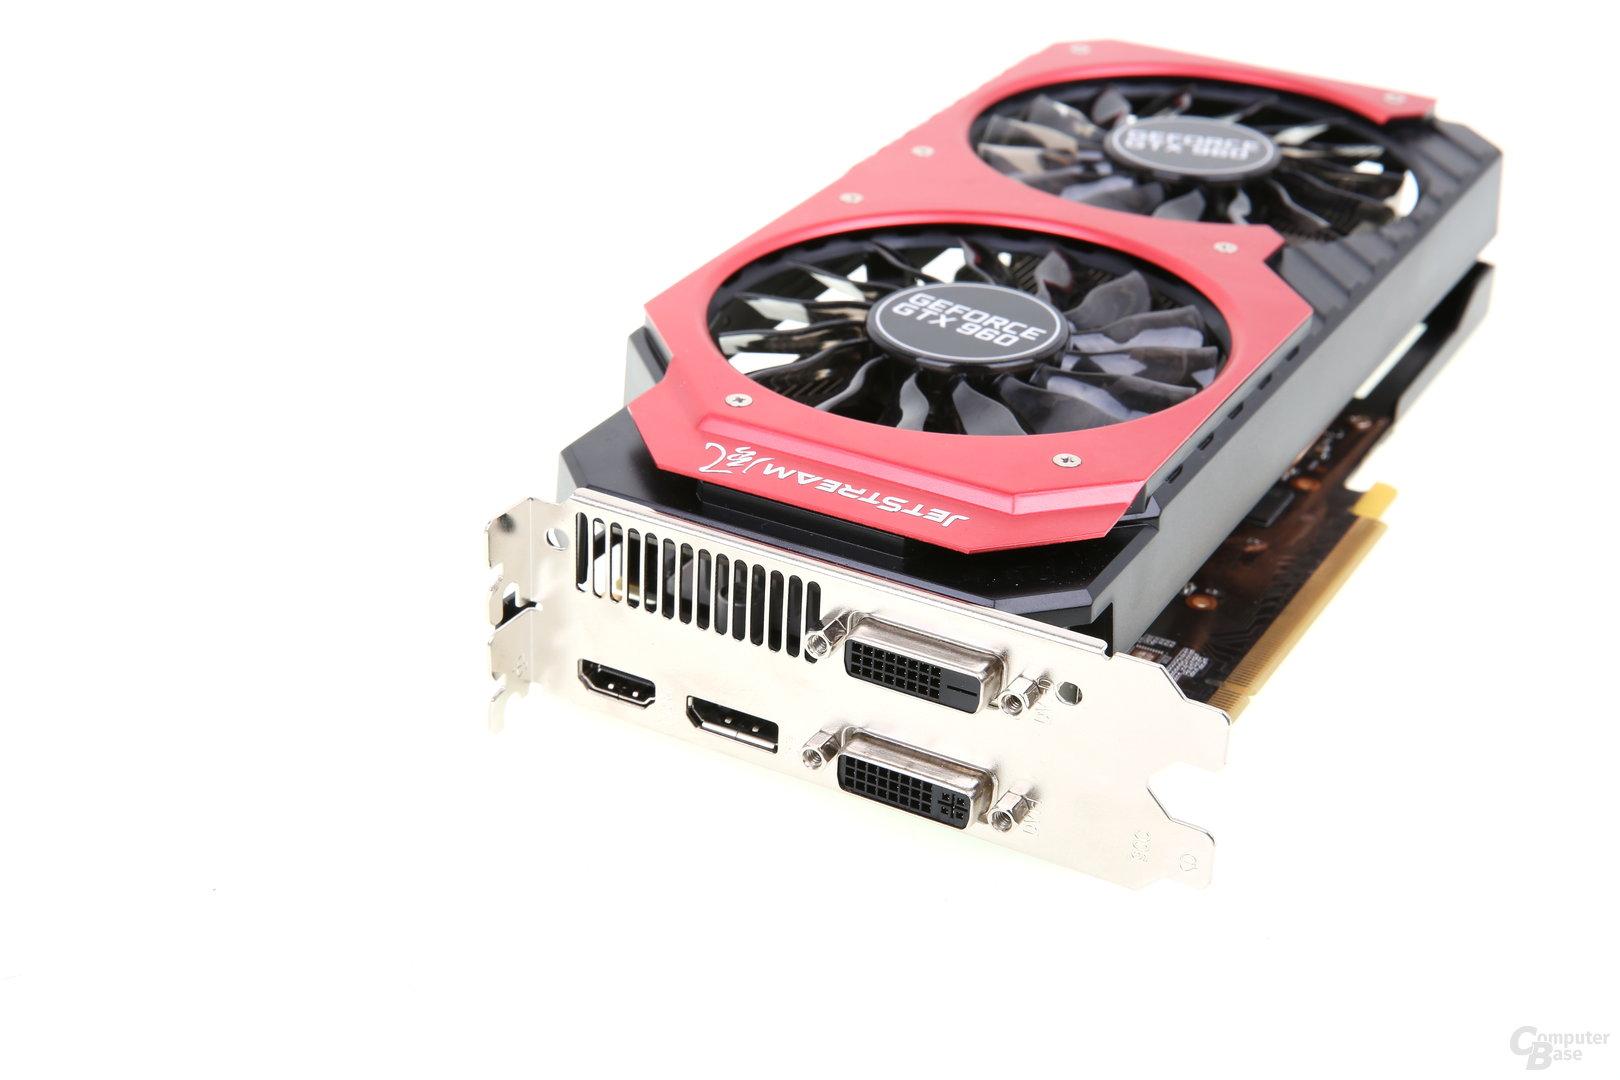 Palit GeForce GTX 960 Super JetStream - Anschlüsse